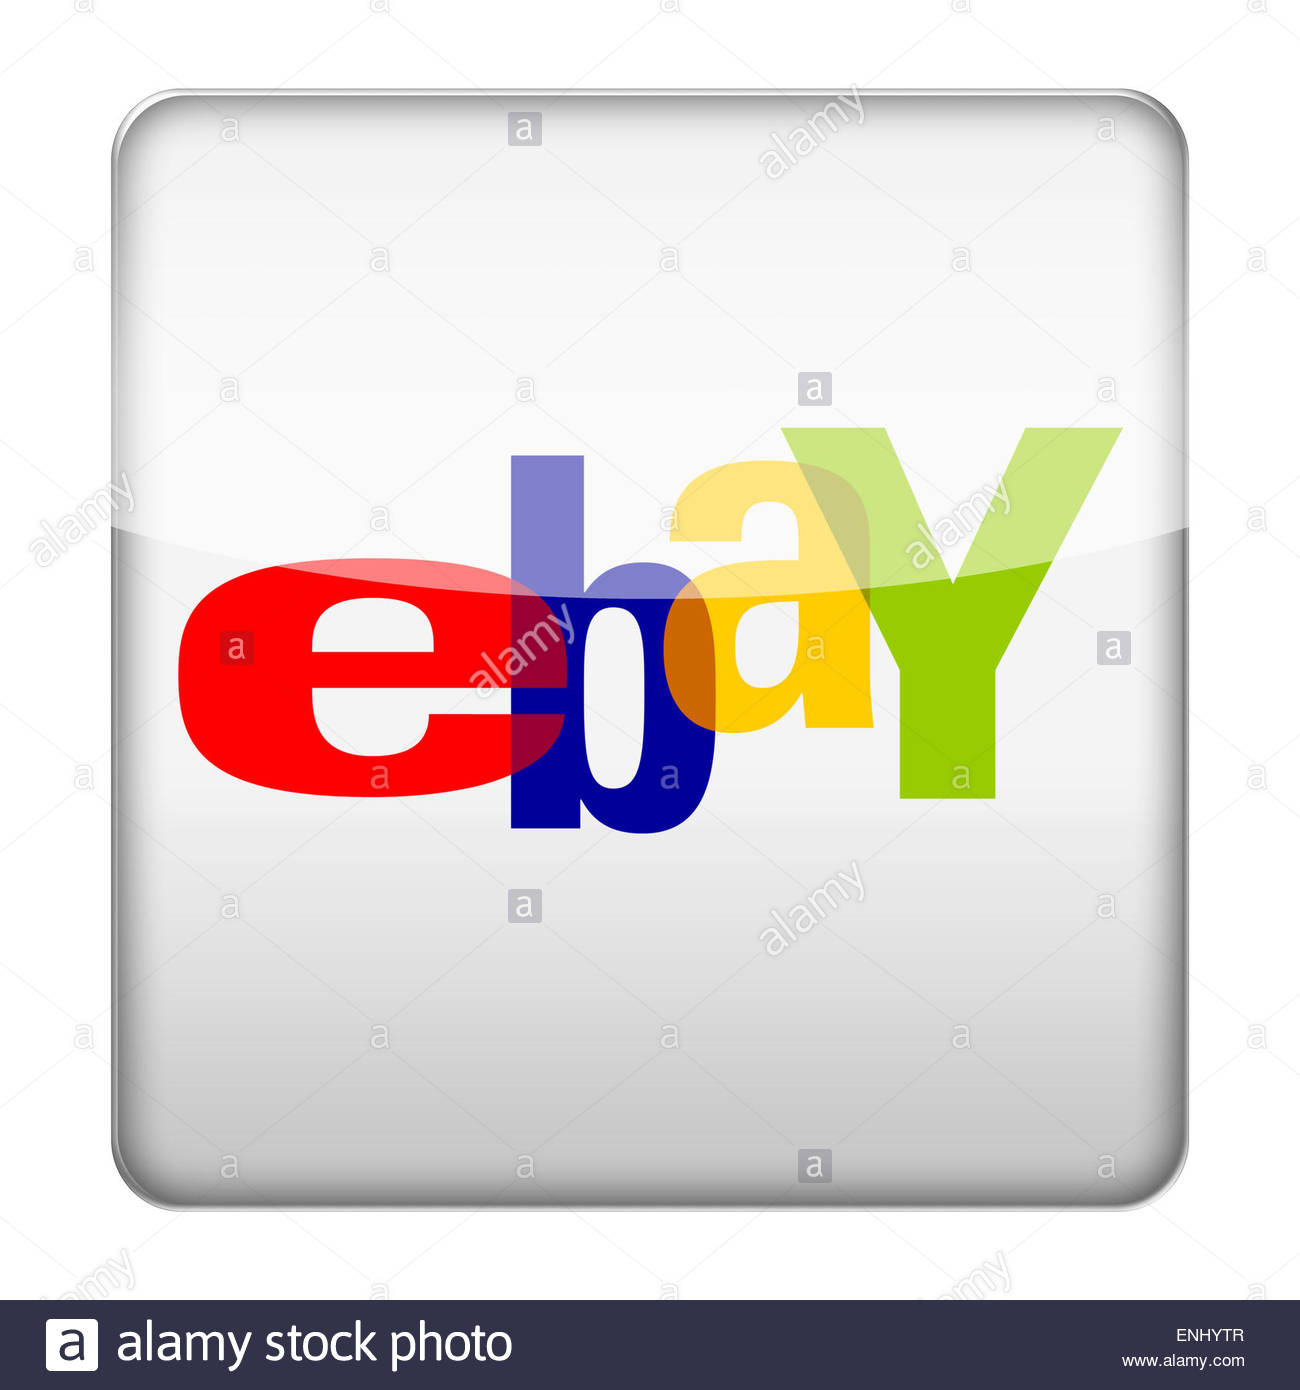 Ebay logo icon - Stock Image